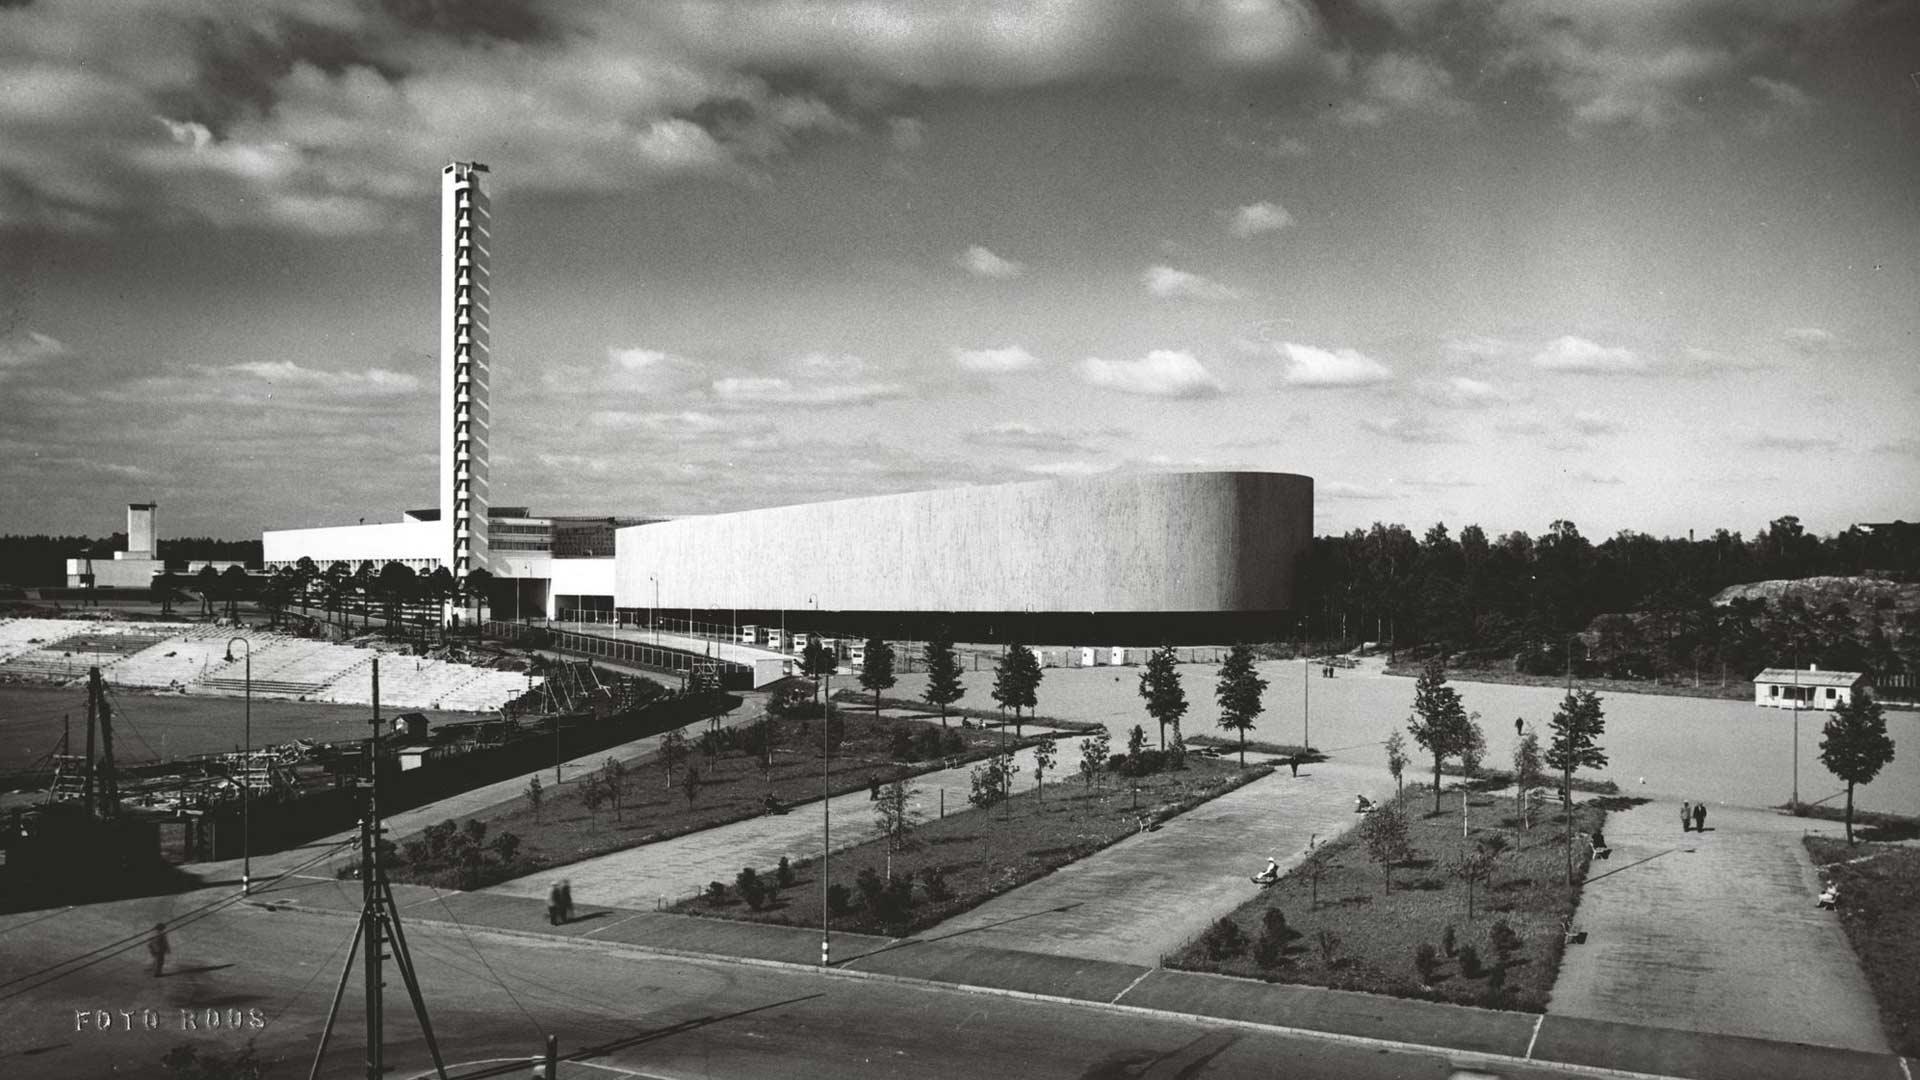 Helsingin olympiatadionia ryhdyttiin laajentamaan vuonna 1938, kun Helsinki sai järjestettäväkseen vuoden 1940 olympiakisat. Puiset lisäkatsomot ja koko itäkatsomo valmistuivat vuonna 1939.